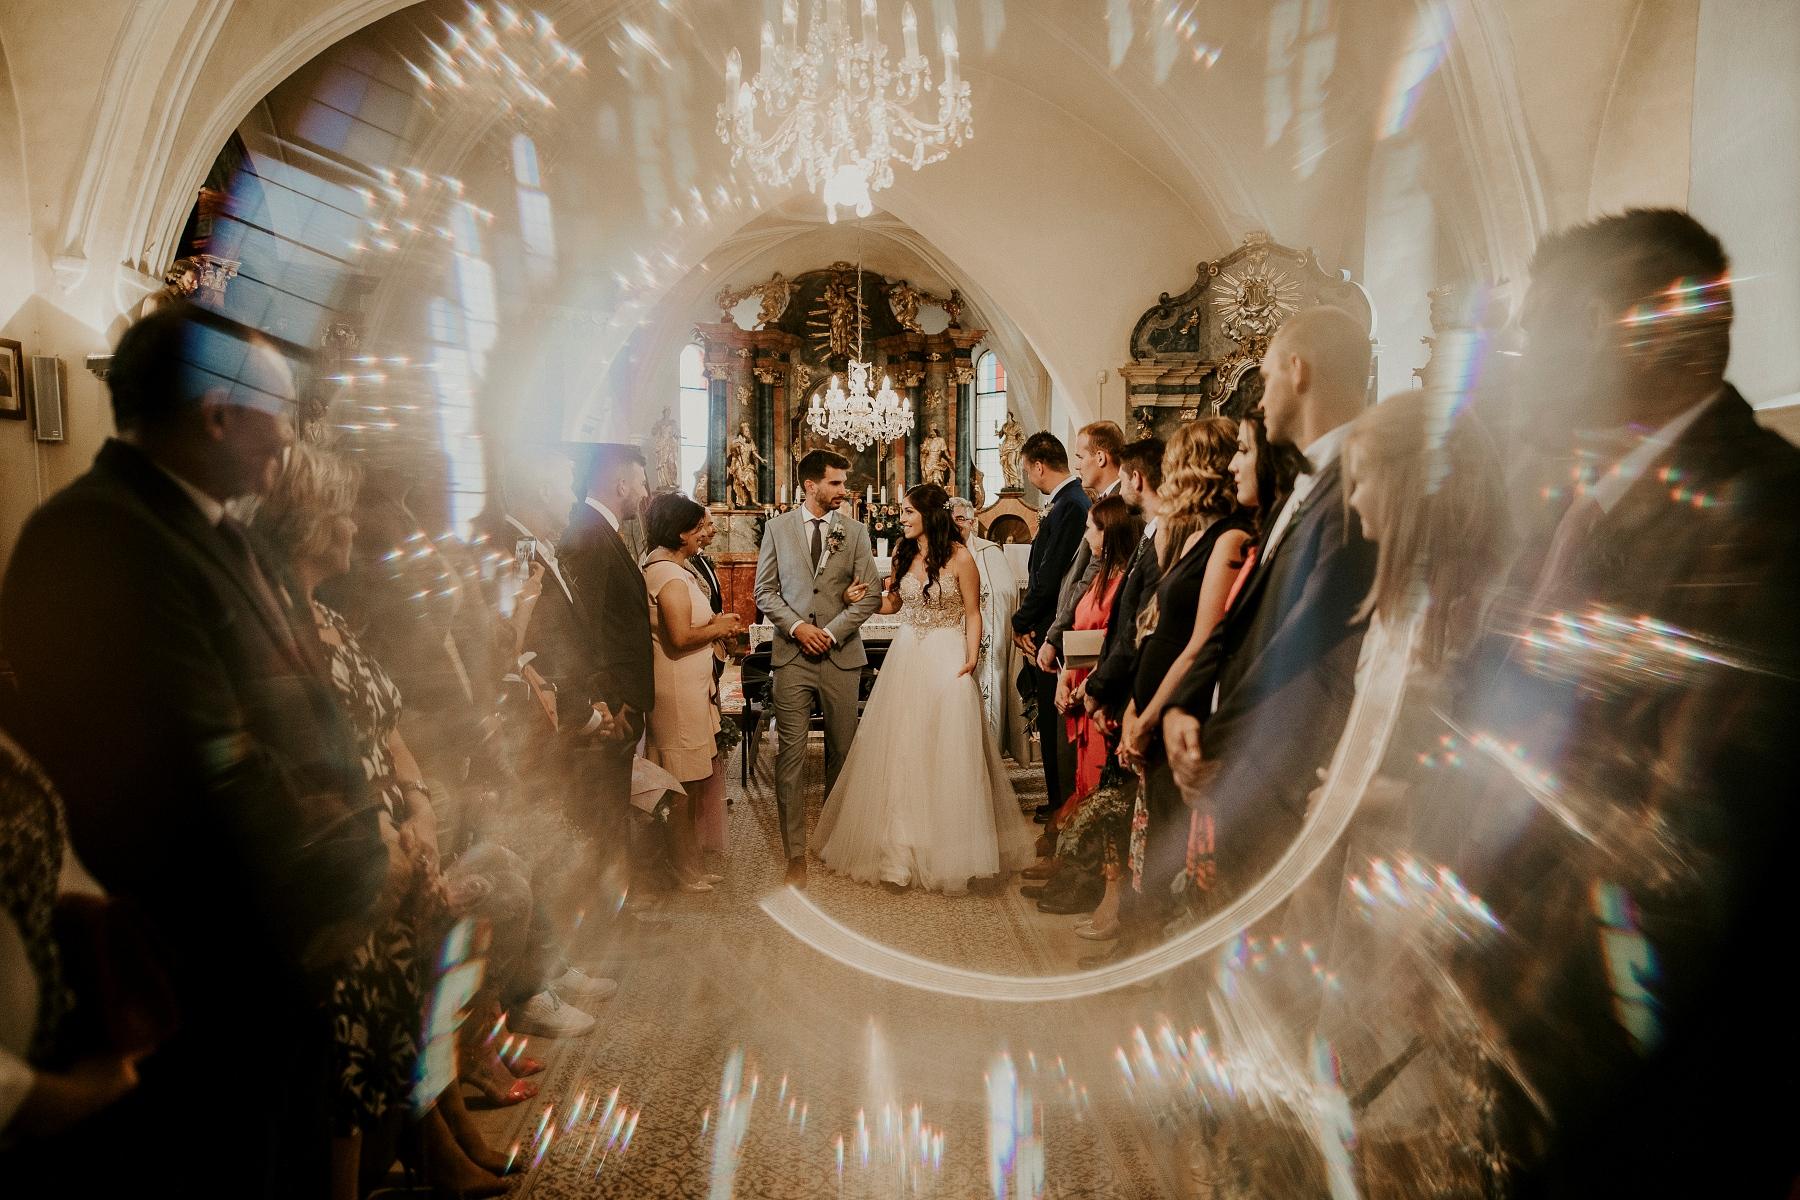 neco modra, svdba v modre, neco estate winery Modra,fotograf Kezmarok, Poprad, Tatry, fotenie v tatrach, fotograf Presov, lubos krahulec, slovensky raj, kameraman, fotograf vychod, stara lubovna, kosice, levoca, fotograf na svadbu, svadobne saty, kytica